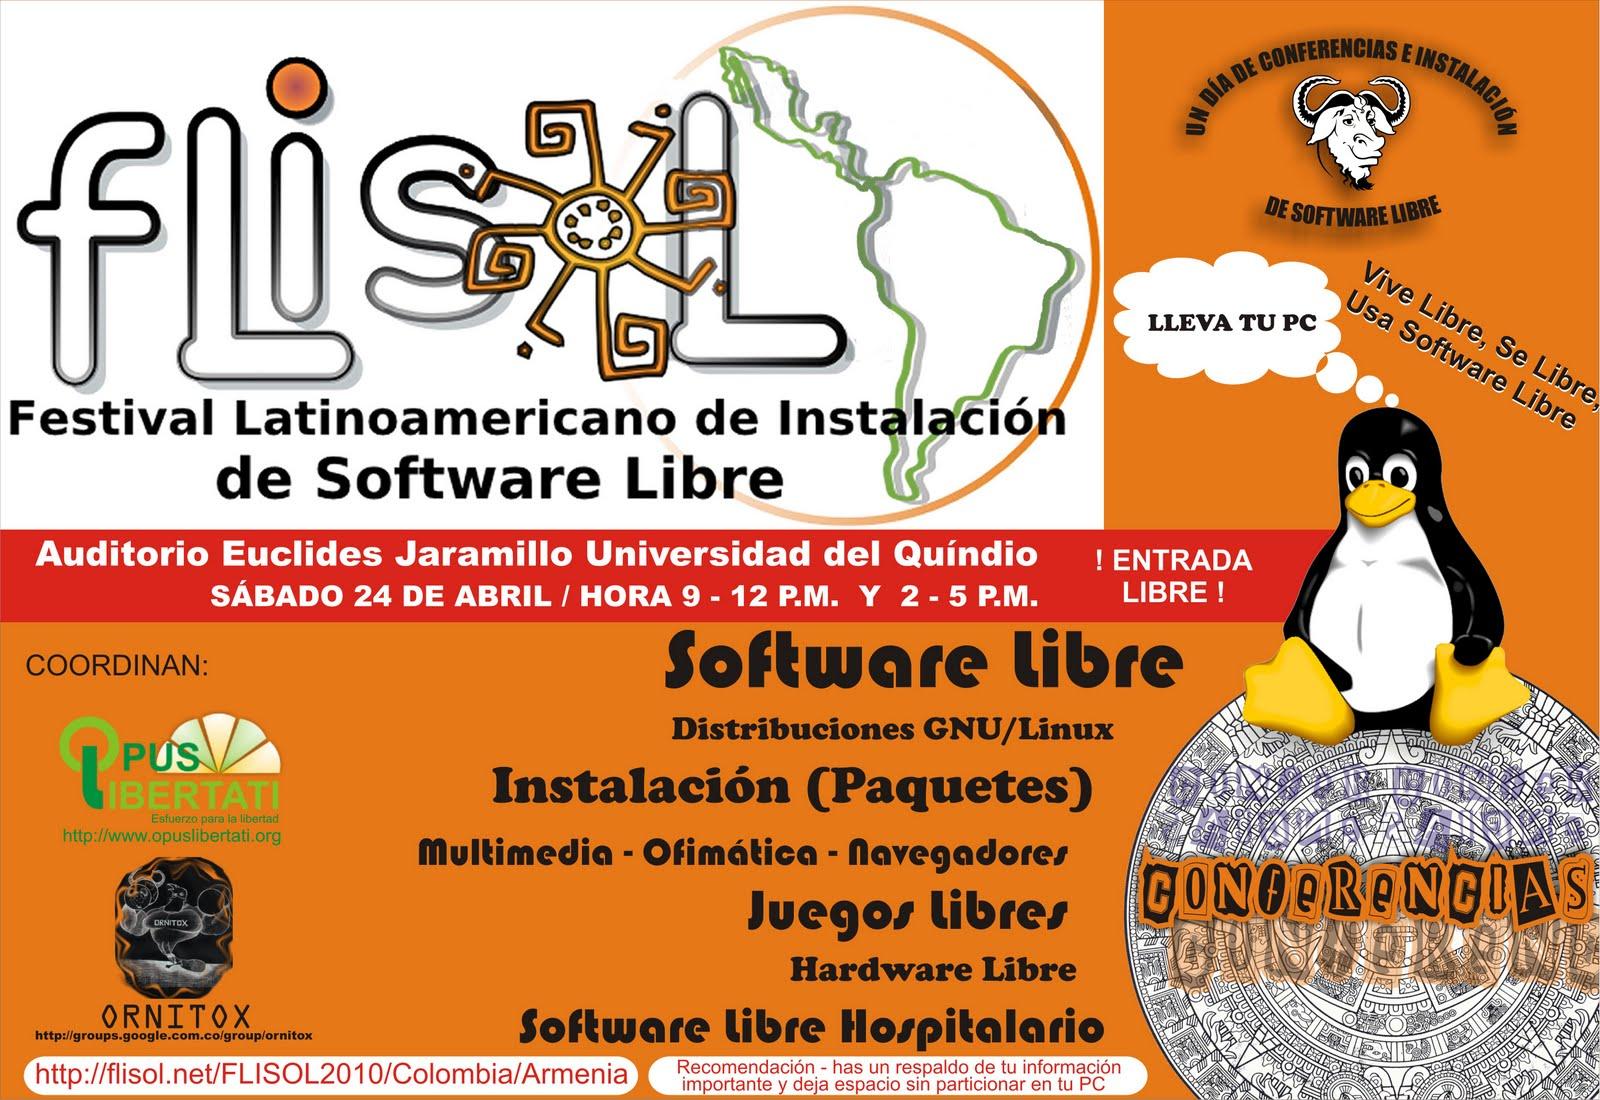 http://4.bp.blogspot.com/_8n7Iw9jeg6M/S7ZxZxgI0HI/AAAAAAAAAAU/XSQv6WSD4IY/s1600/flisolArmenia2010.jpg